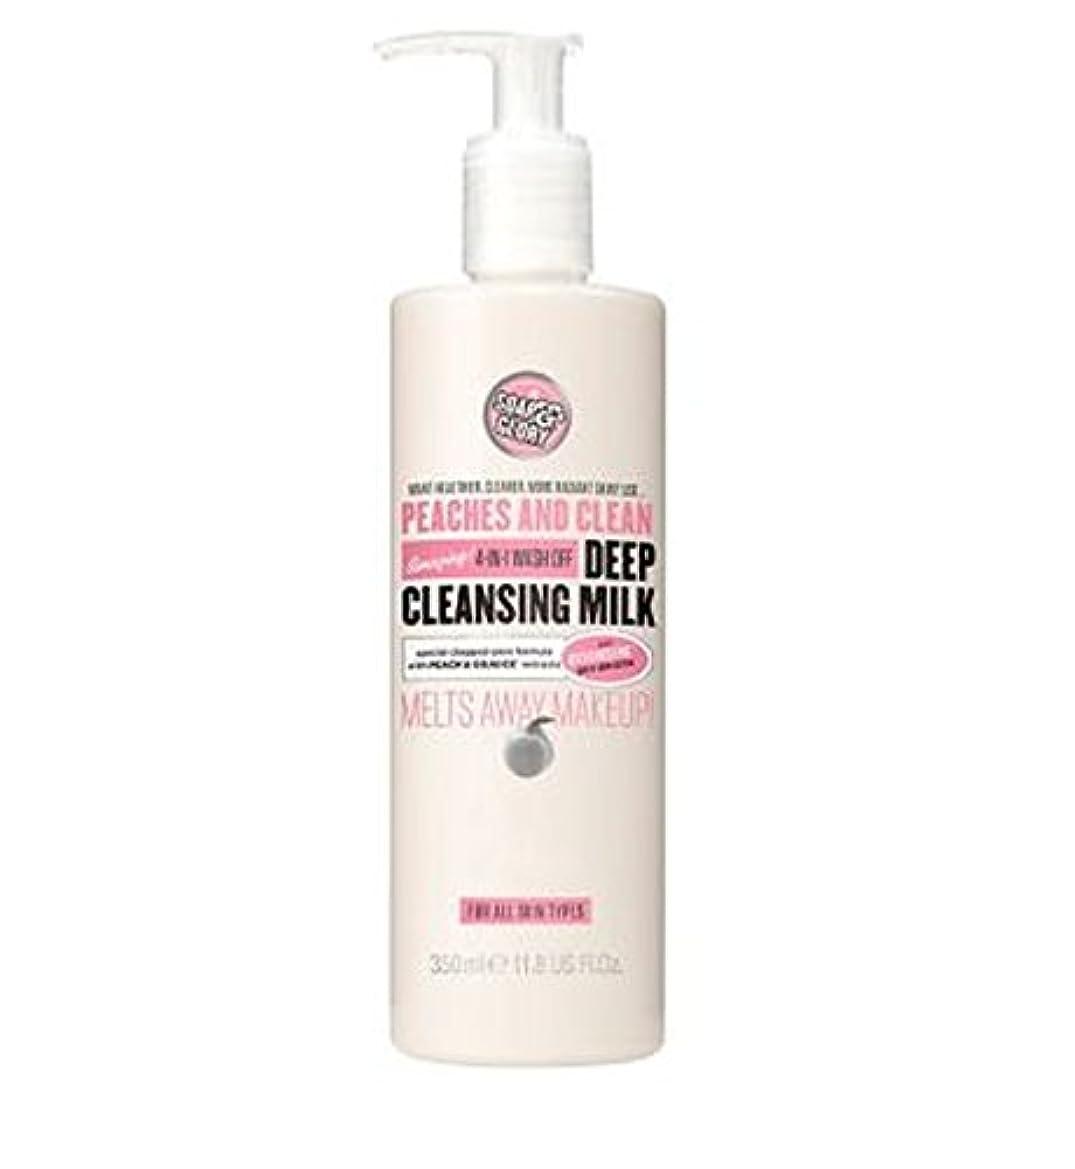 スタジアムくそー四PEACHES AND CLEAN? Deep Cleansing Milk 350ml - 桃やクリーン?ディープクレンジングミルク350ミリリットル (Soap & Glory) [並行輸入品]